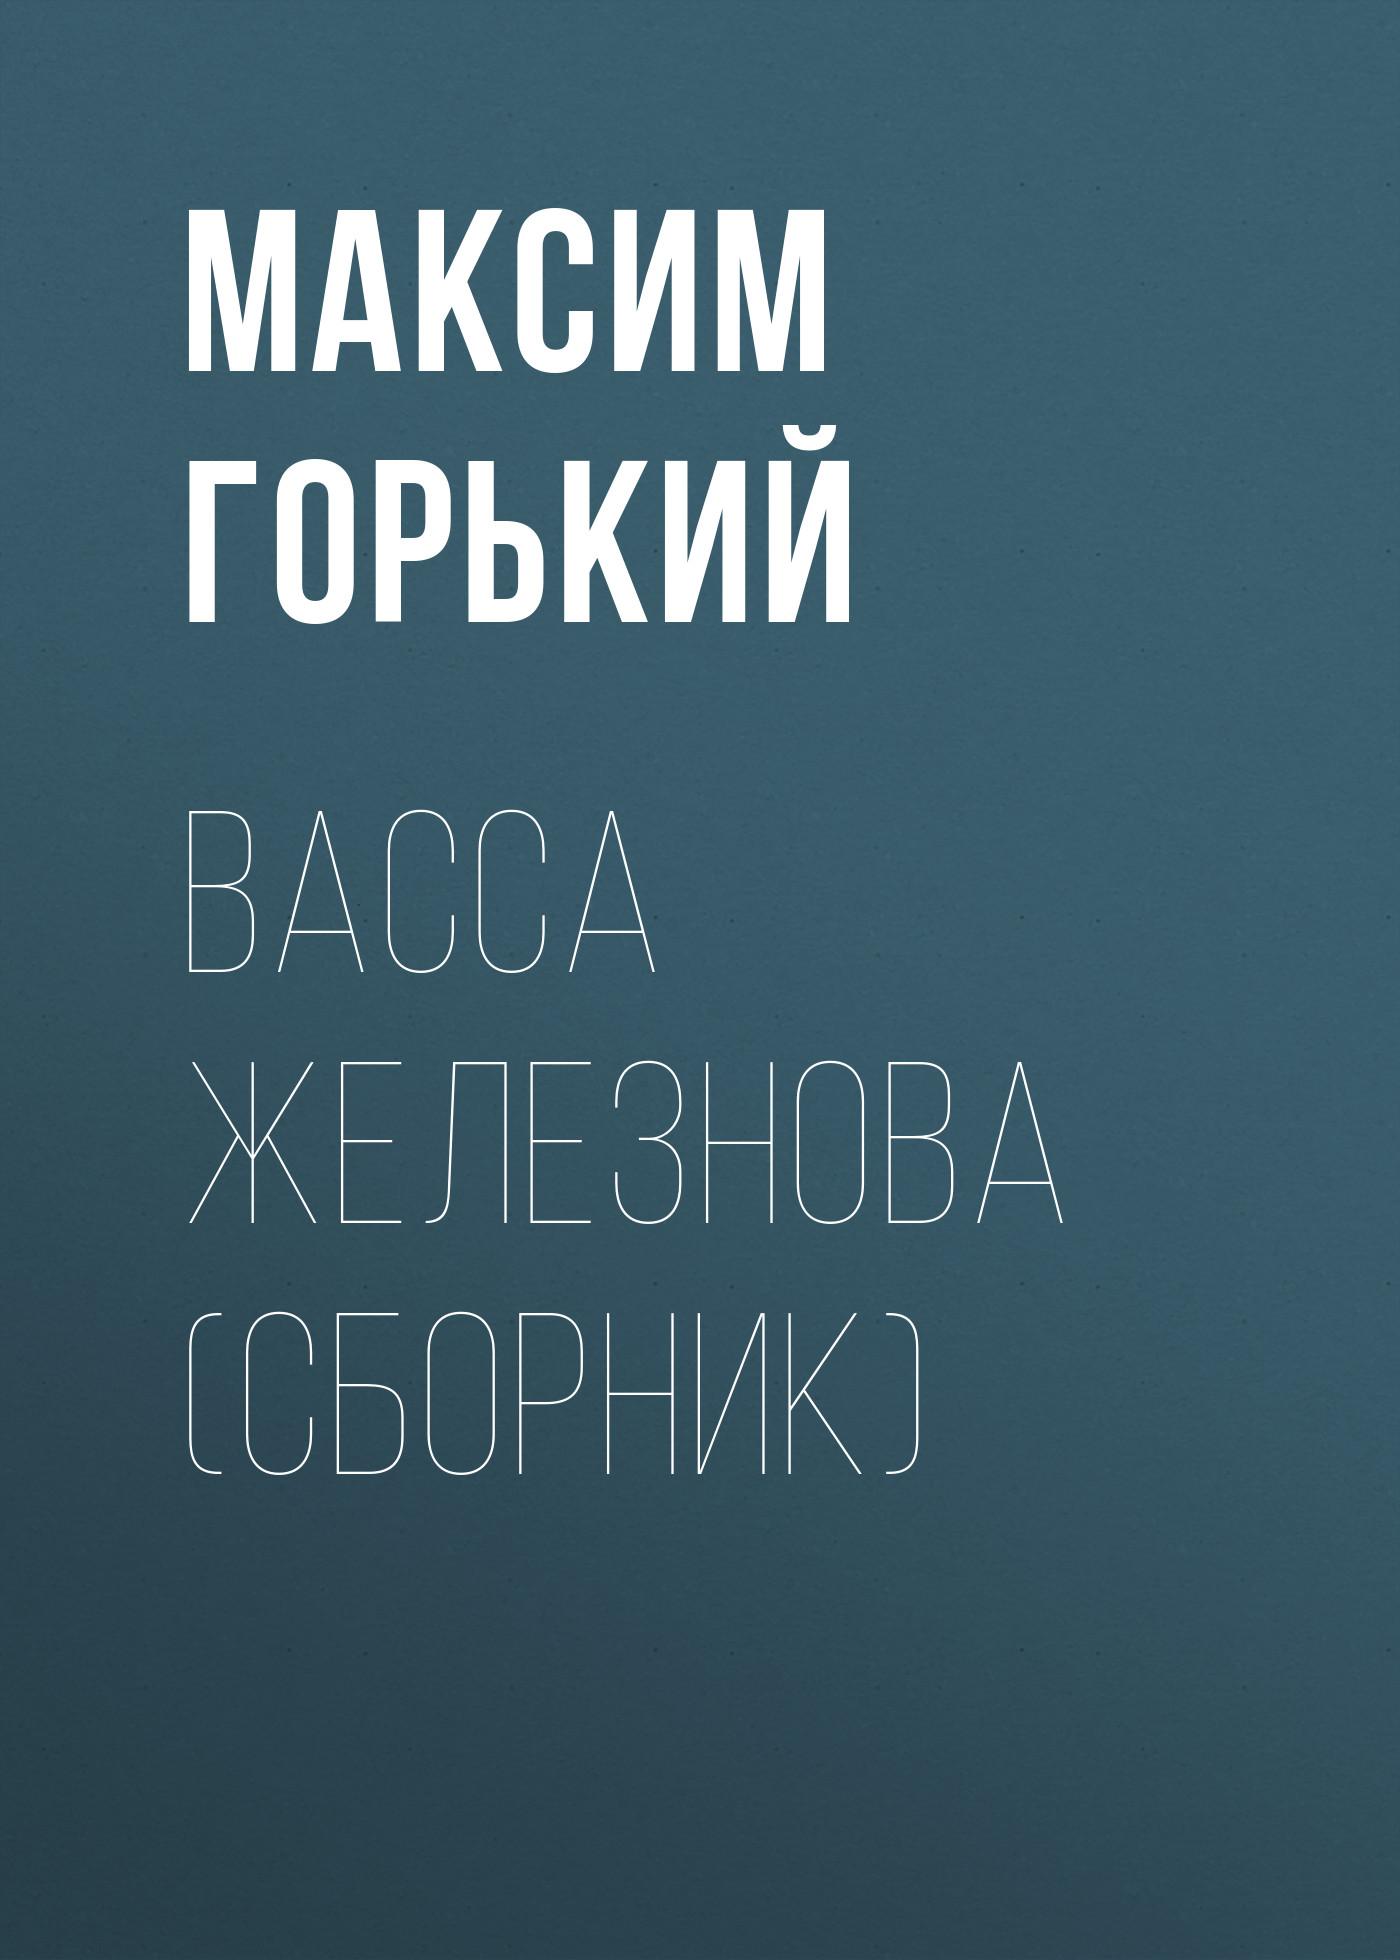 Фото - Максим Горький Васса Железнова (сборник) максим горький роман